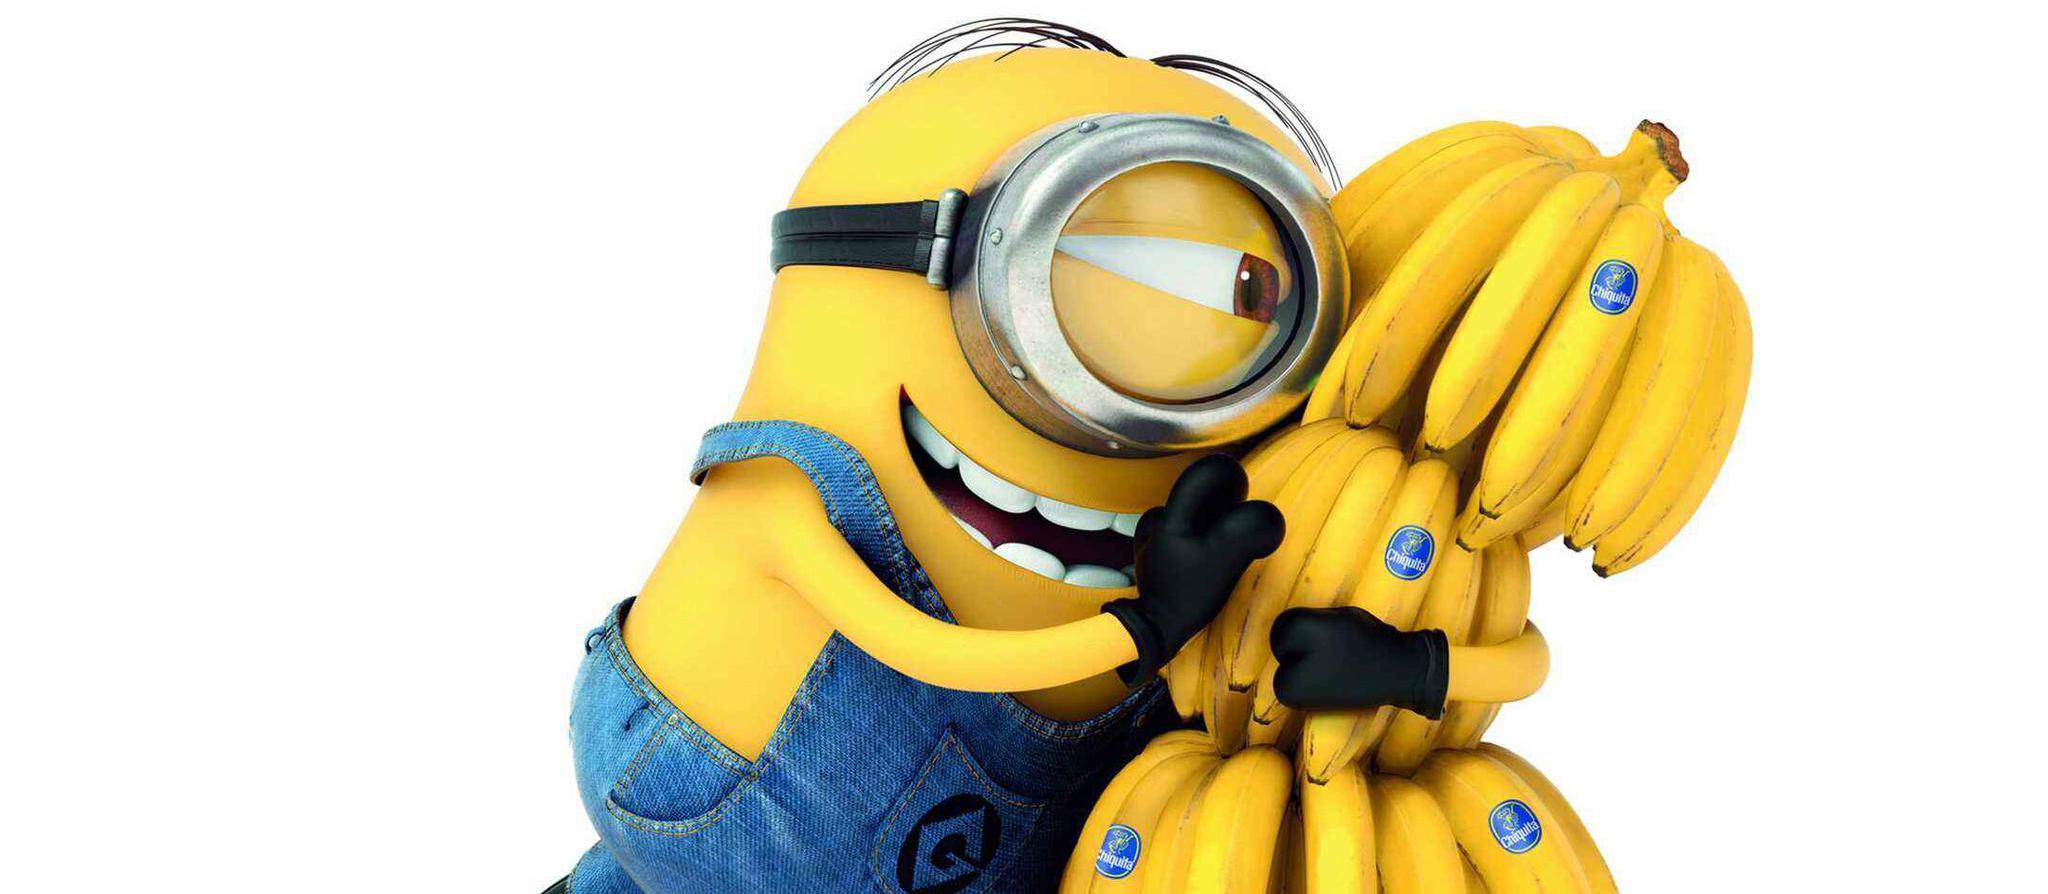 囧哥:香蕉成价值上万的展览品